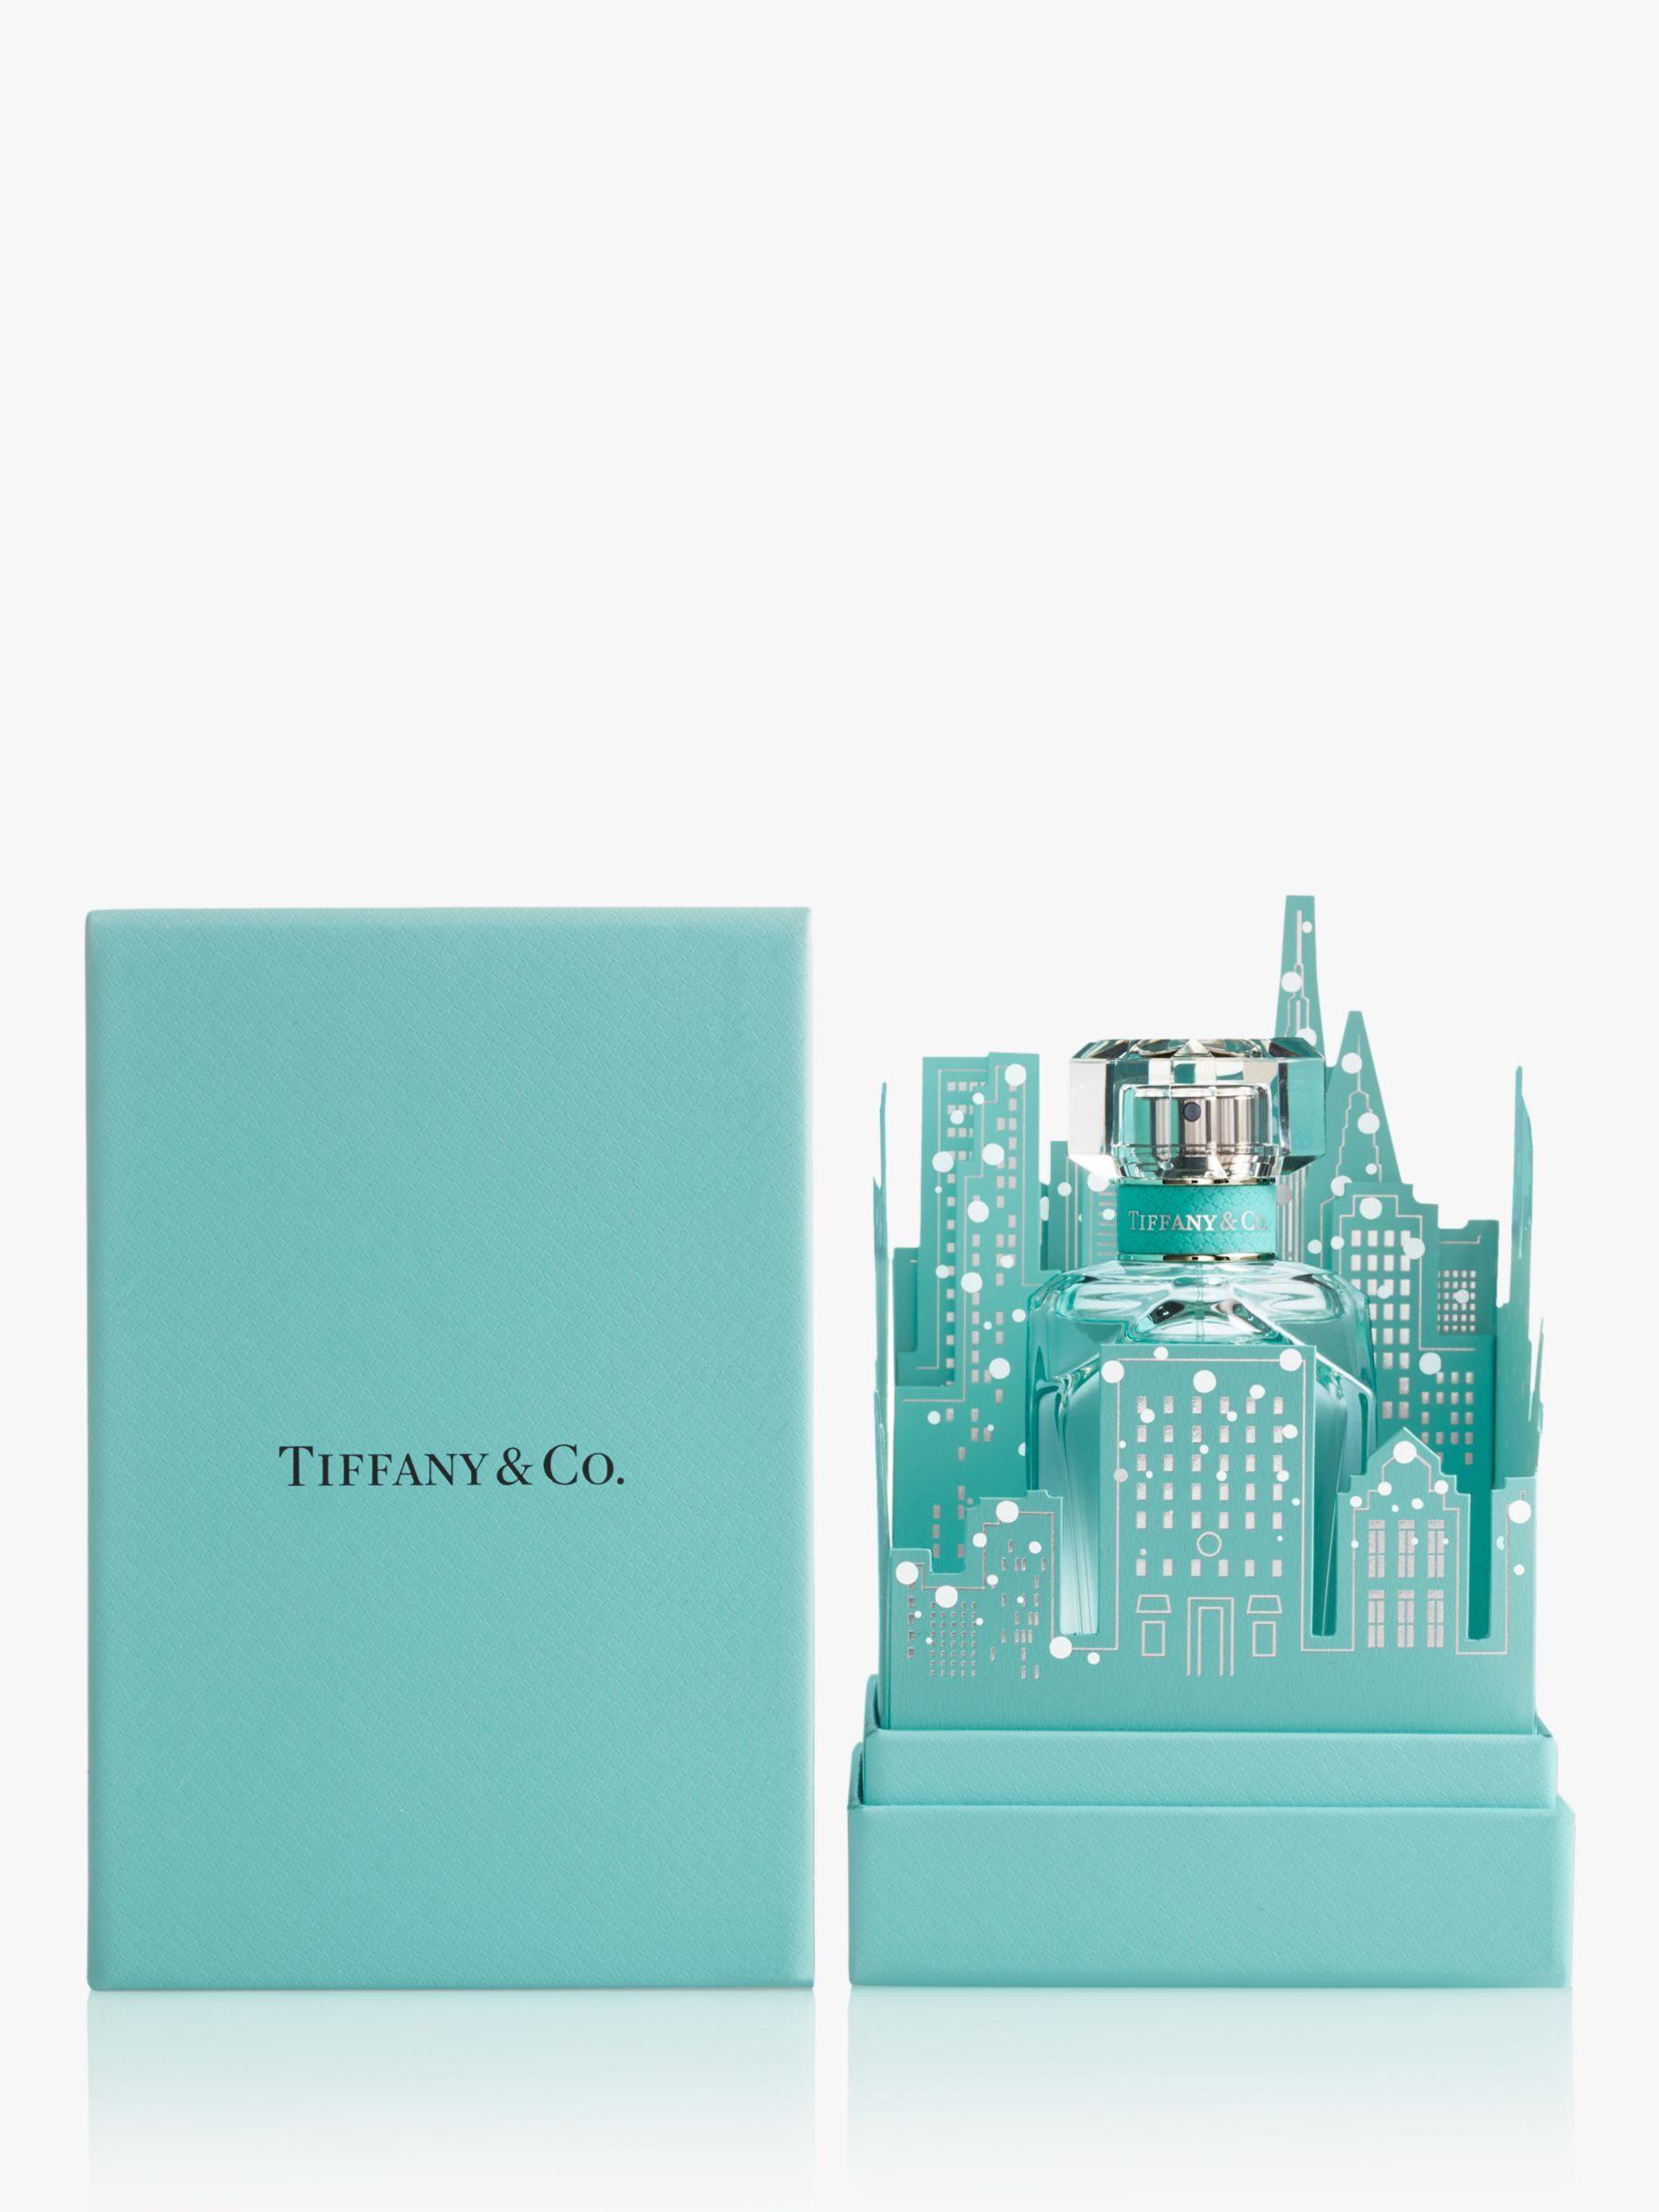 Tiffany Co Tiffany Eau De Parfum 75ml Limited Edition Skyline Fragrance Gift Set Tiffany Blue Box Iris Flowers Fragrance Design